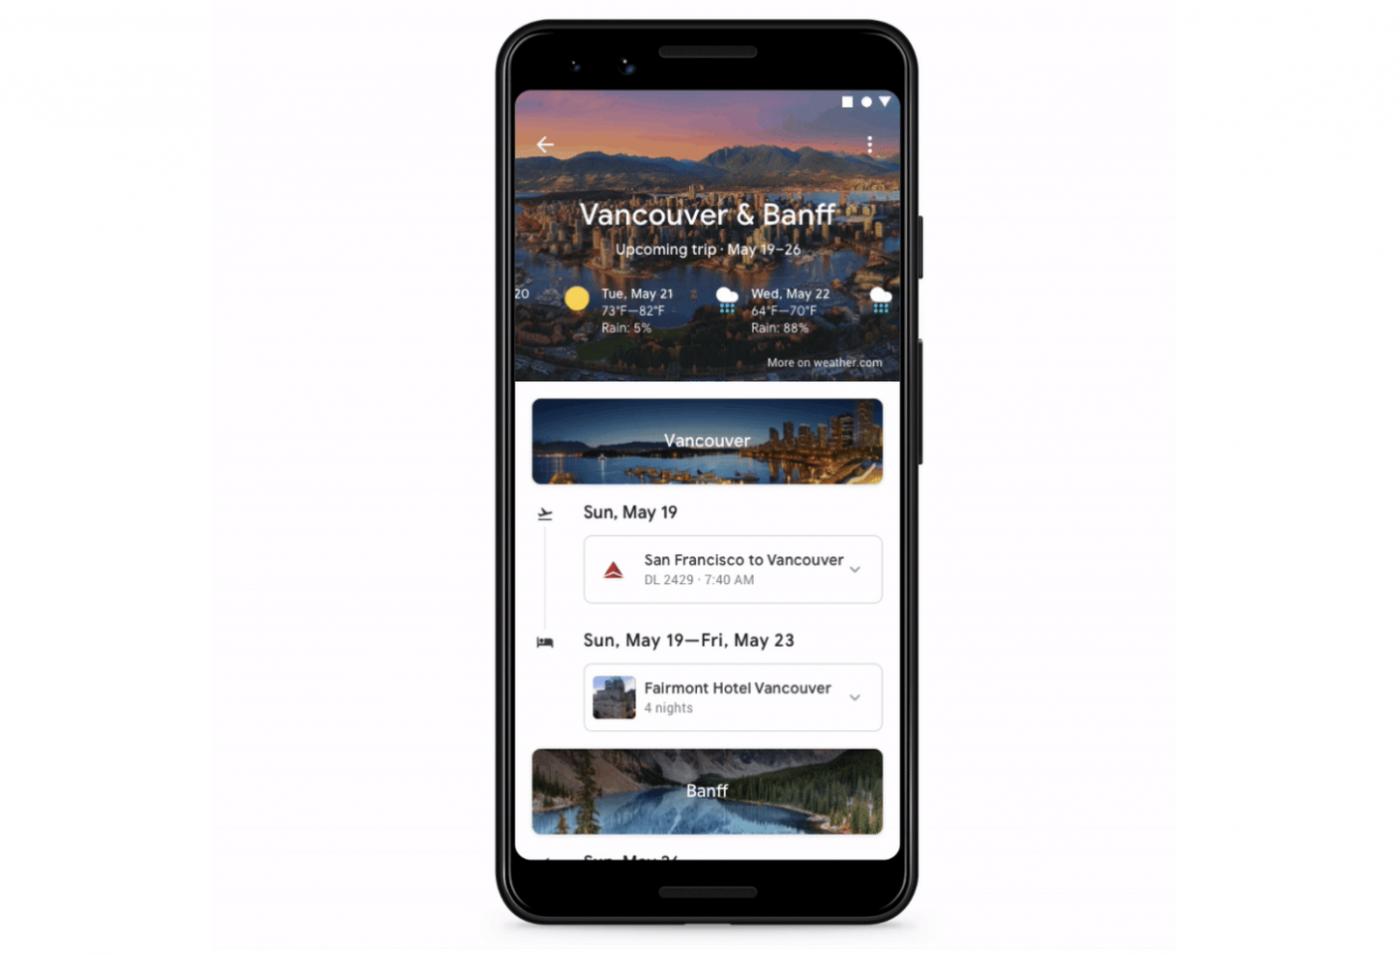 才問世一年就說掰掰!Google下架行程規劃Google Trips App